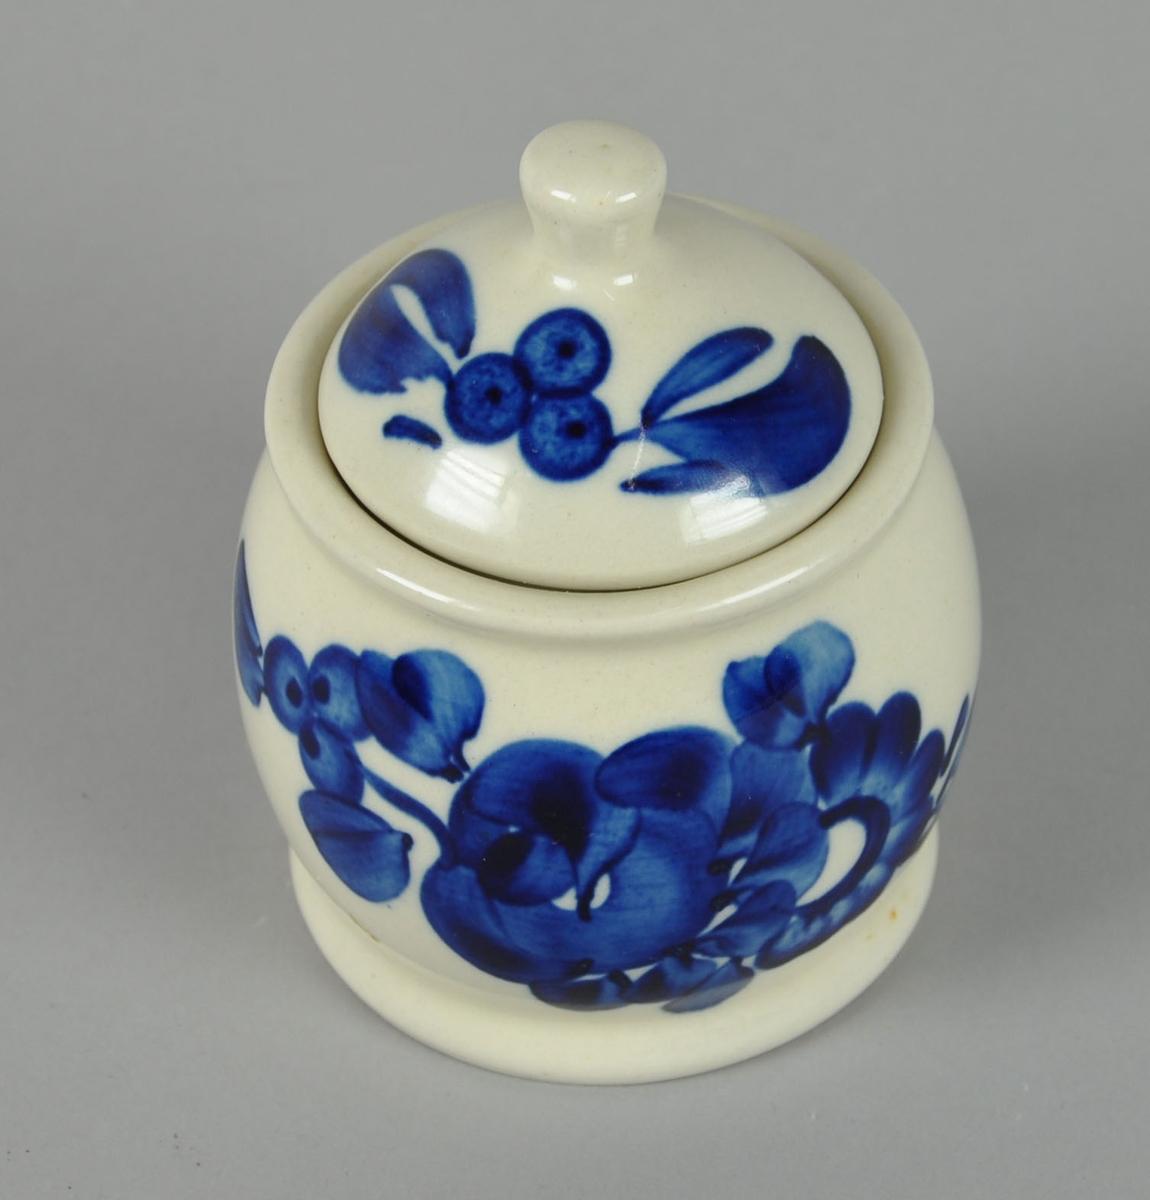 Sukkerskål  med lokk, av glassert keramikk. Har påmalte striper og blomster i blå farge. Lokket har knott på toppen.